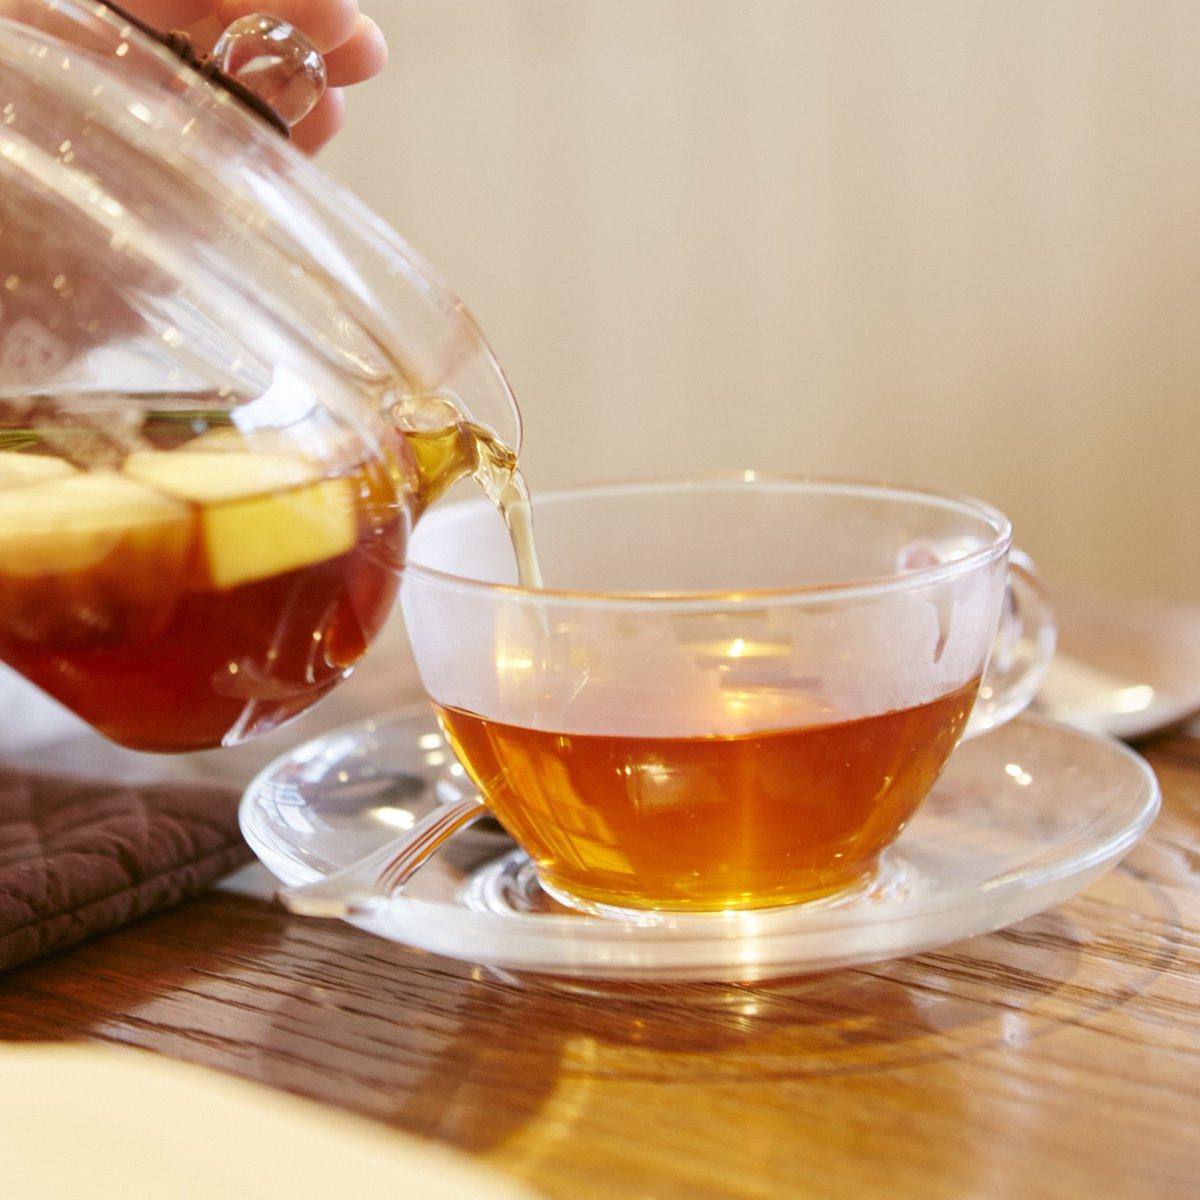 今日は紅茶の日です!みなさまのティータイムが今日も素敵なひとときとなりますように♪ https://t.co/ZsC9cElwHJ